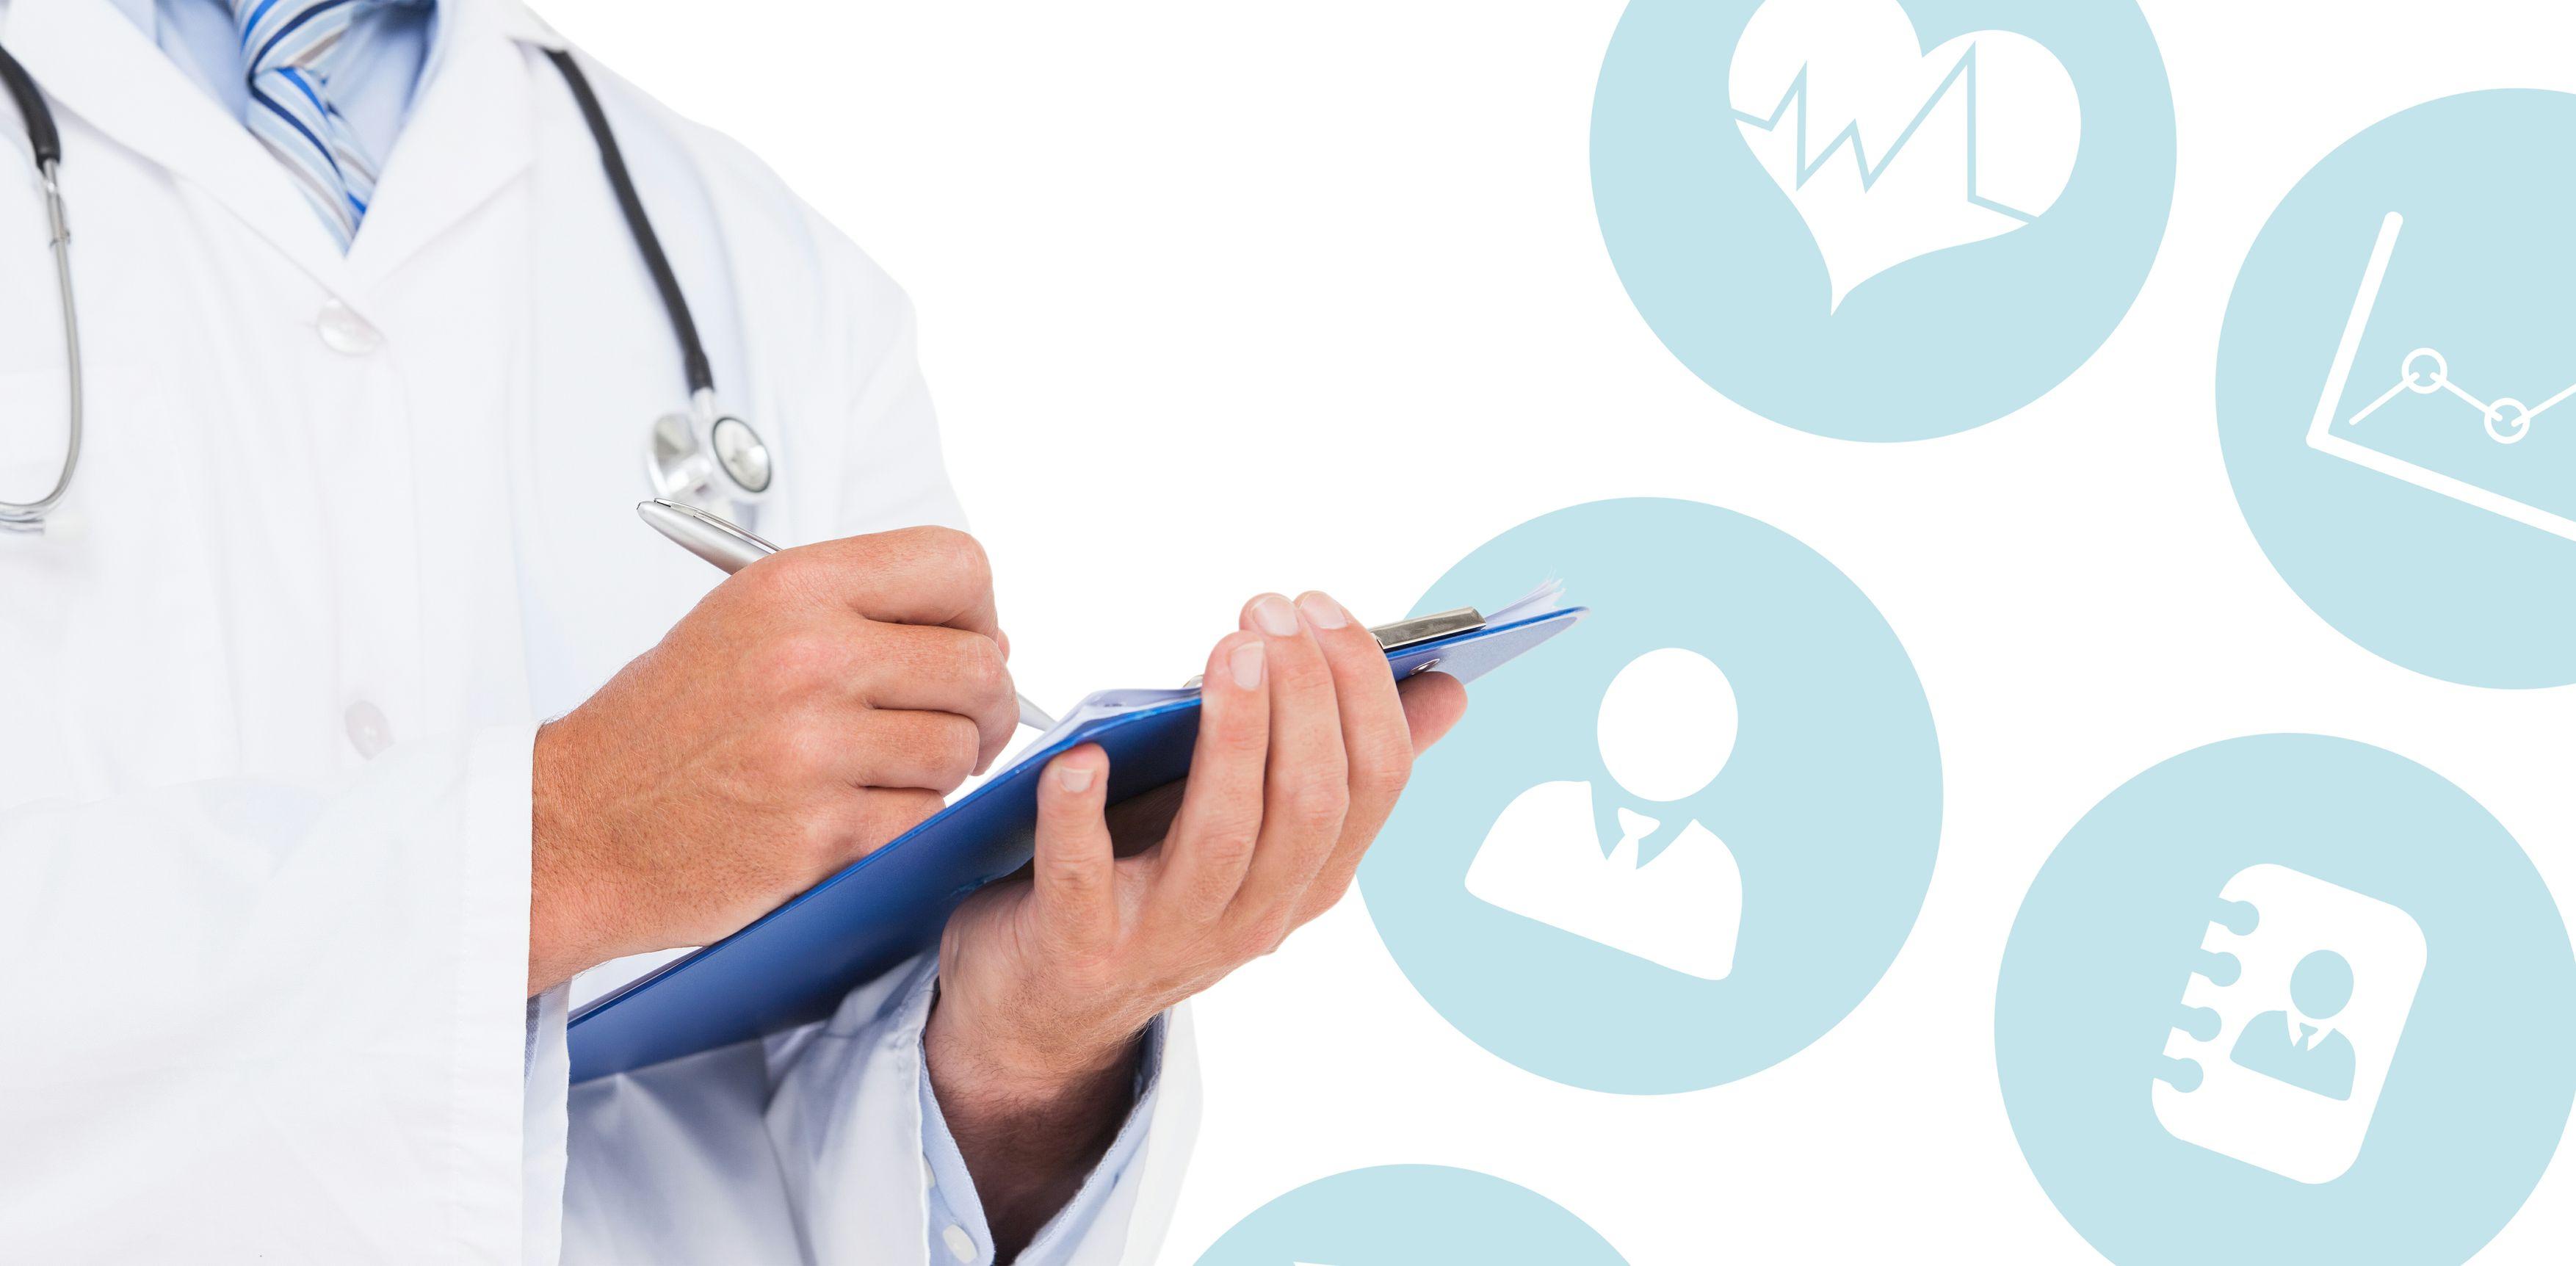 歌礼制药两日飙涨30% 公司丙肝治疗方案取得重大进展